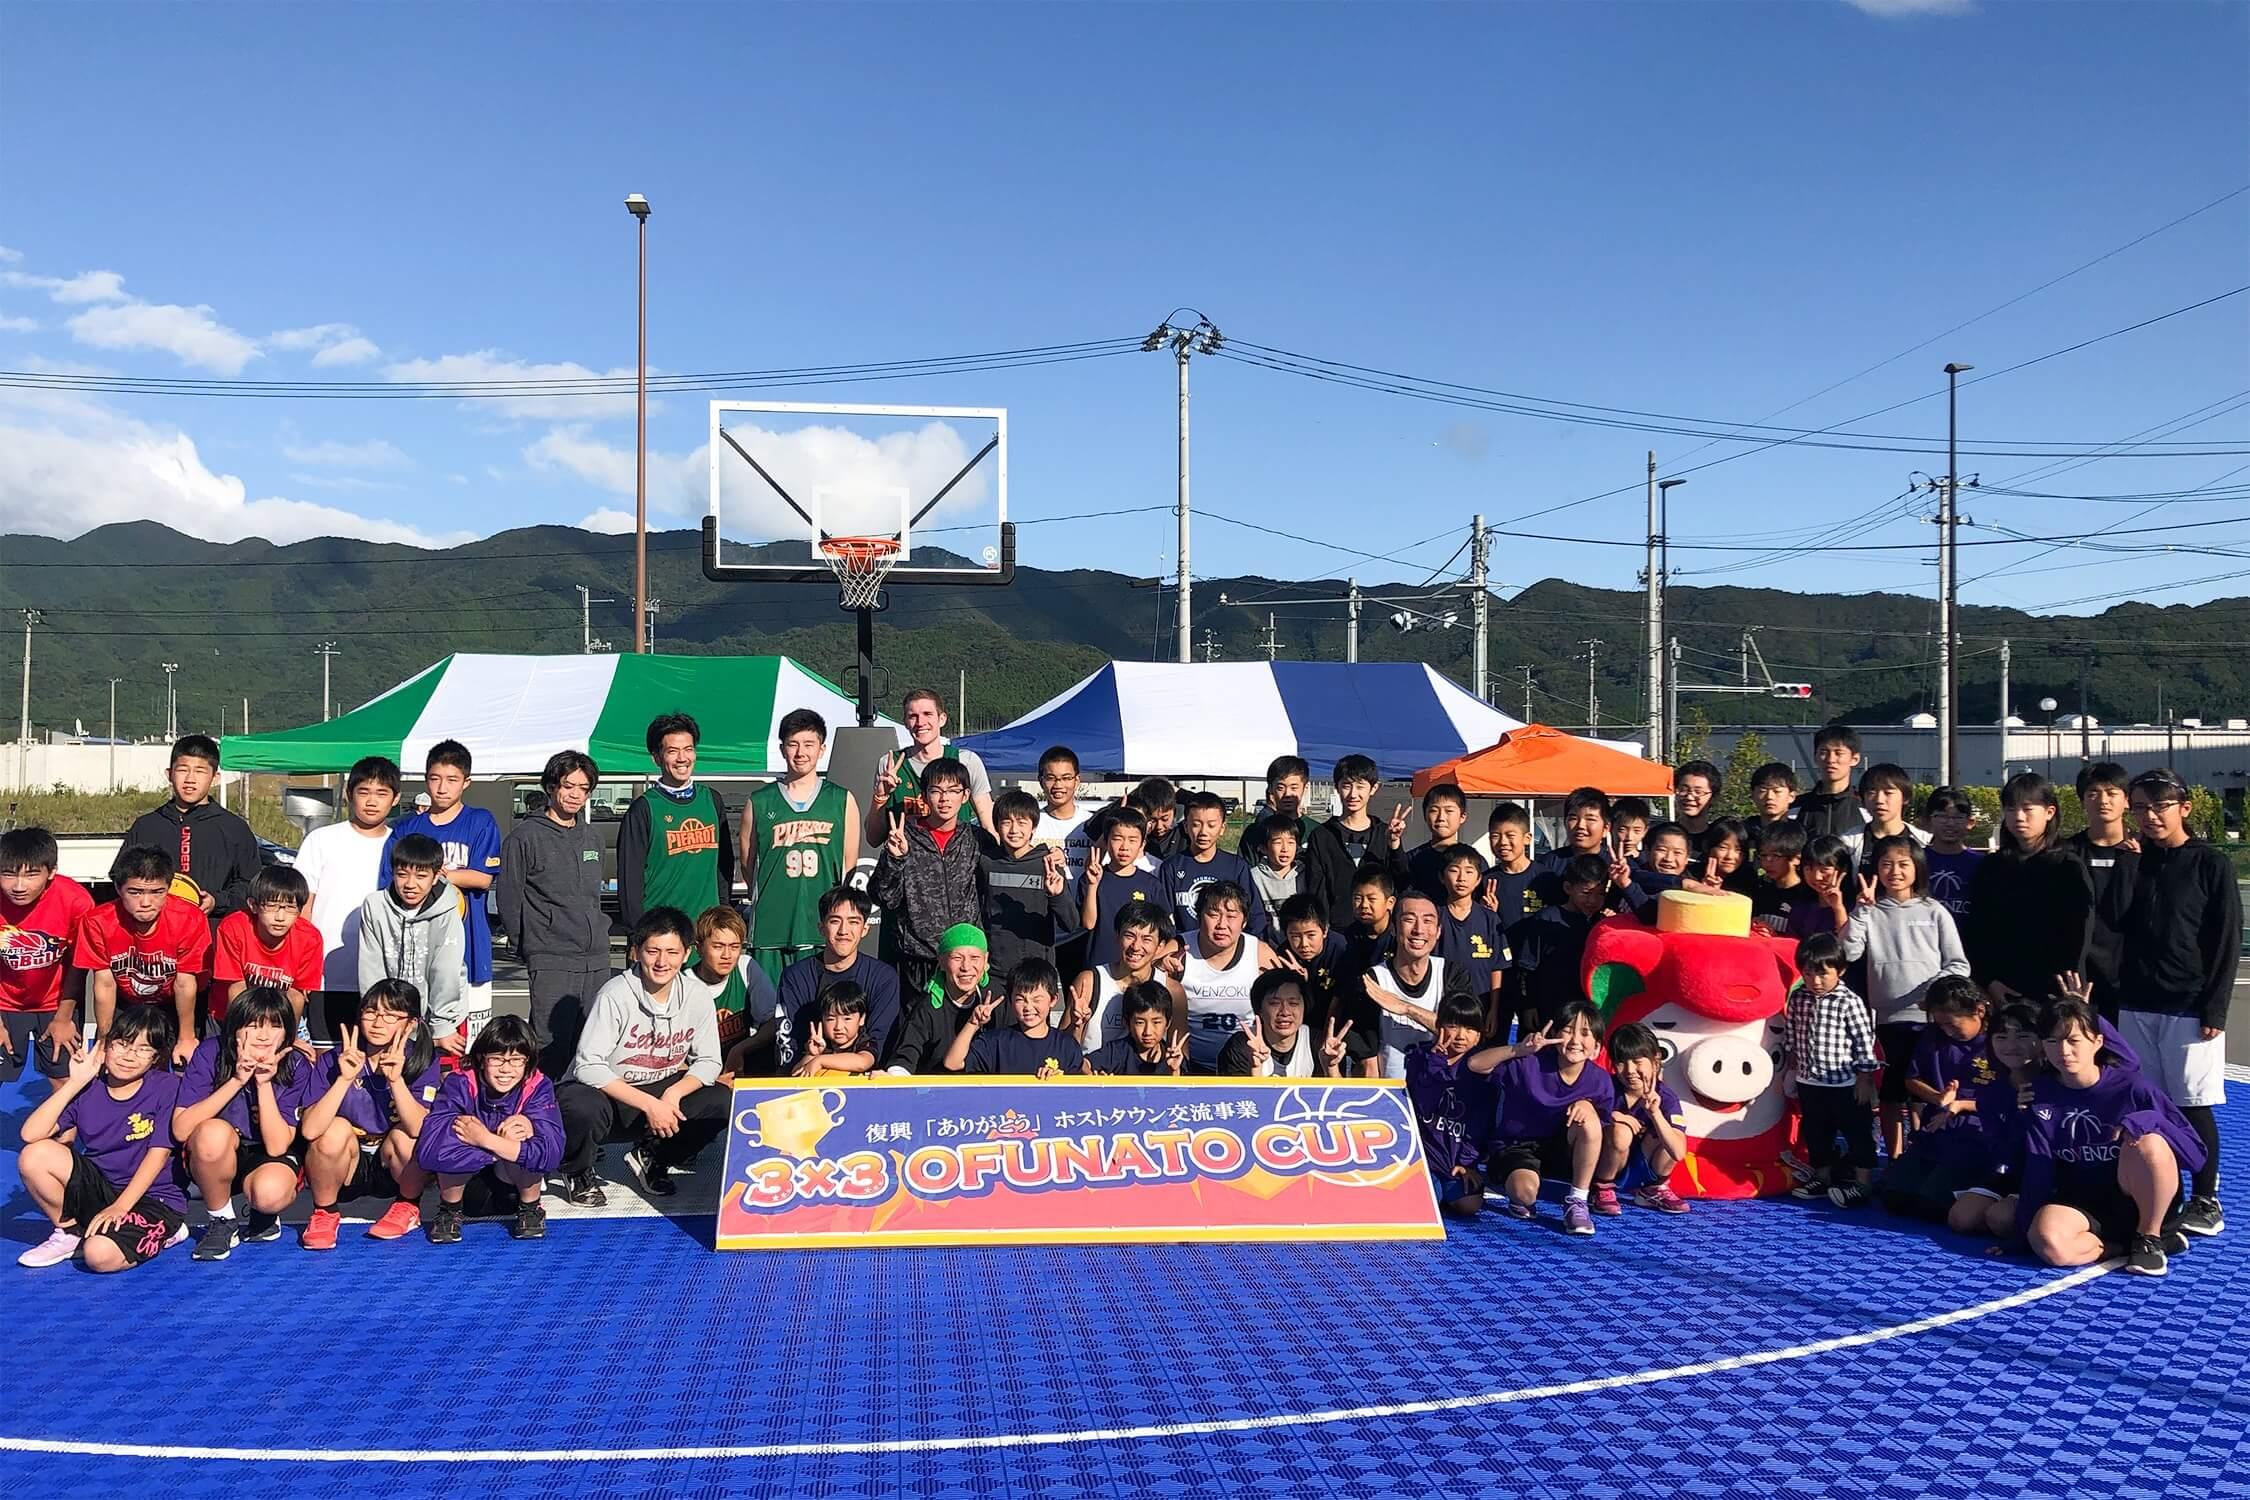 復興「ありがとう」ホストタウン事業 3×3 OFUNATO CUP